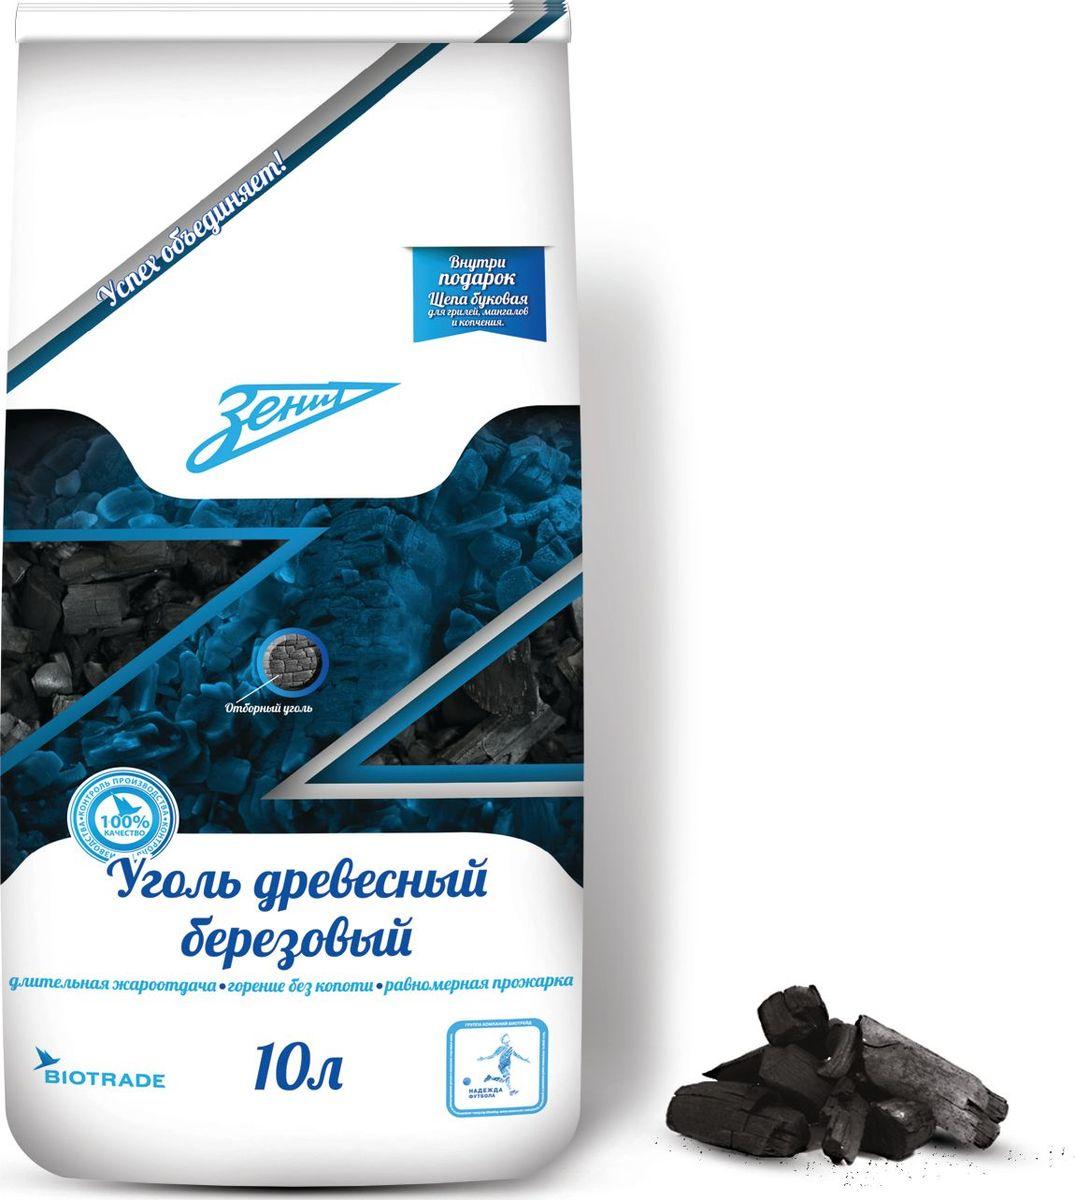 Уголь Зенит, 10 лУголь Зенит 10лУголь Зенит - идеальное топливо для всех типов грилей. Изготовлен из березовой древесины. Применяется для приготовления мяса, рыбы и других продуктов в мангалах, шашлычницах, грилях, а также в качестве топлива для каминов и печей любого вида. Запрещается использовать в помещениях не оборудованных вентиляцией.